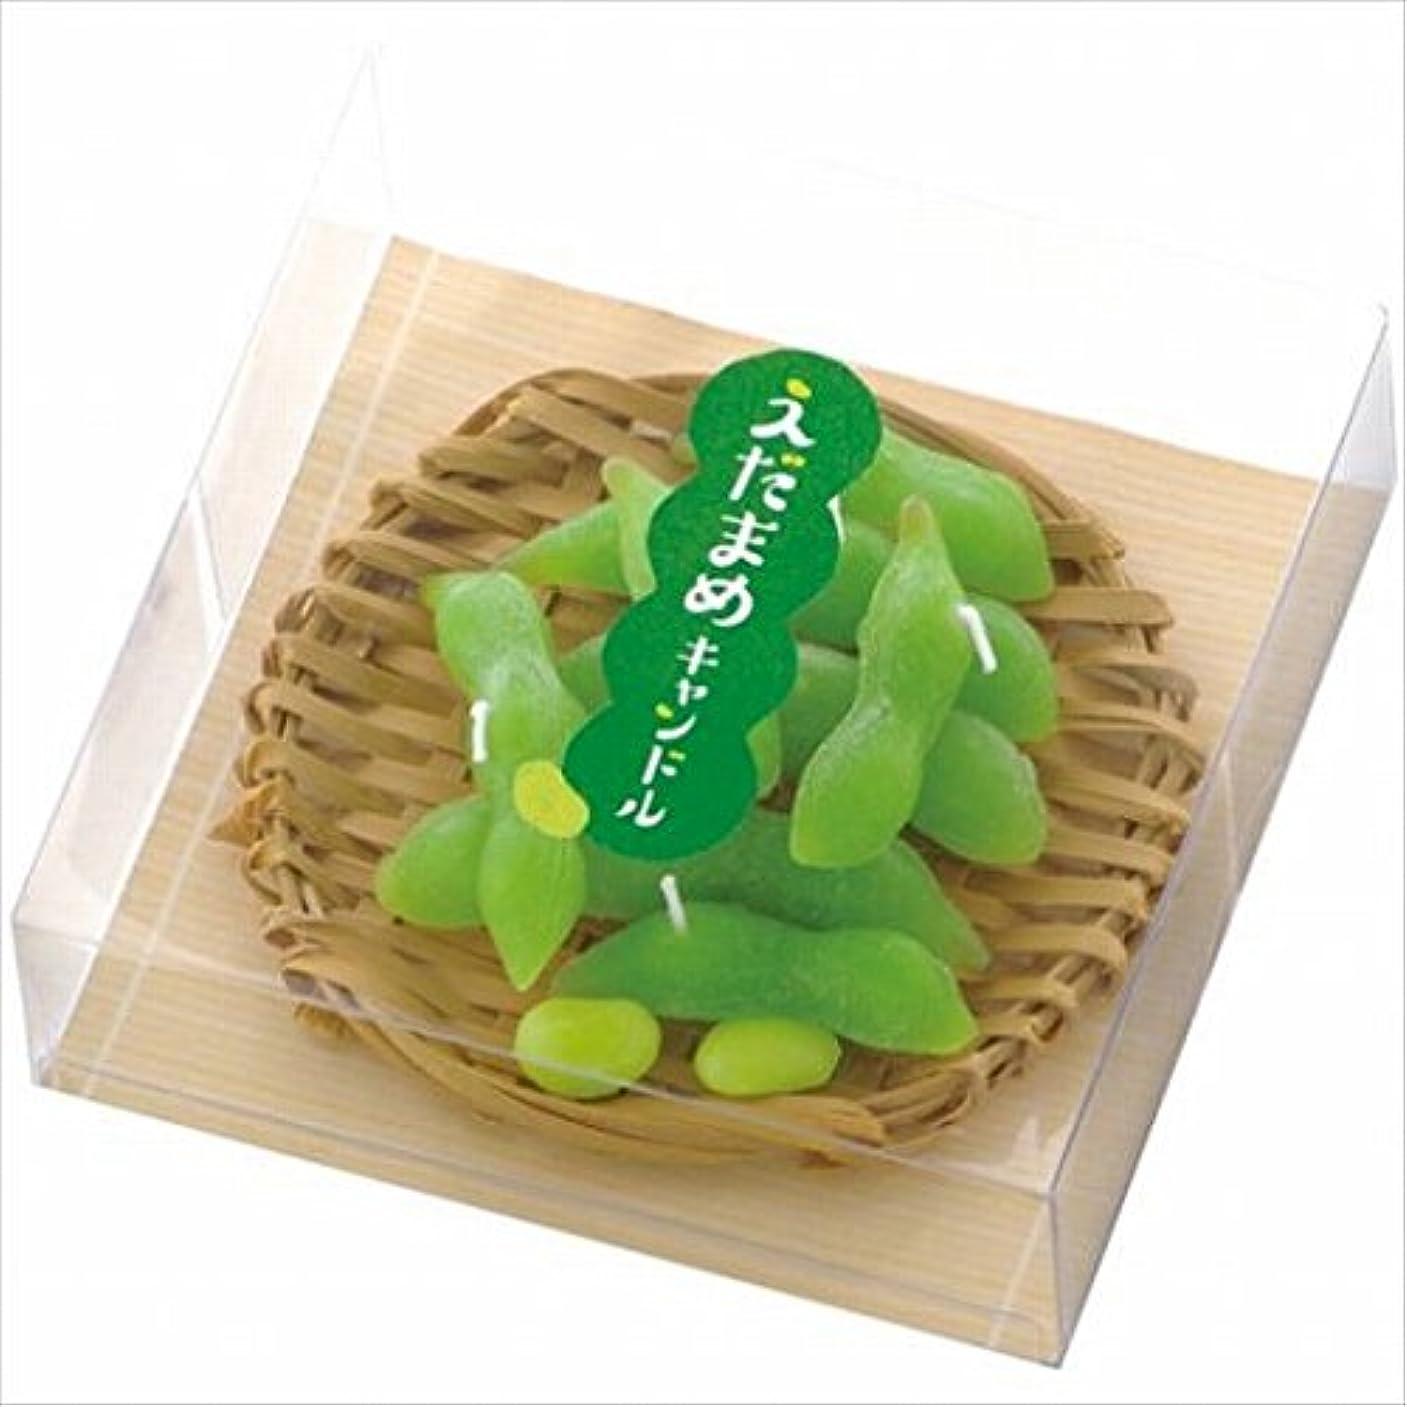 れんが架空のもつれkameyama candle(カメヤマキャンドル) えだまめキャンドル(86990000)